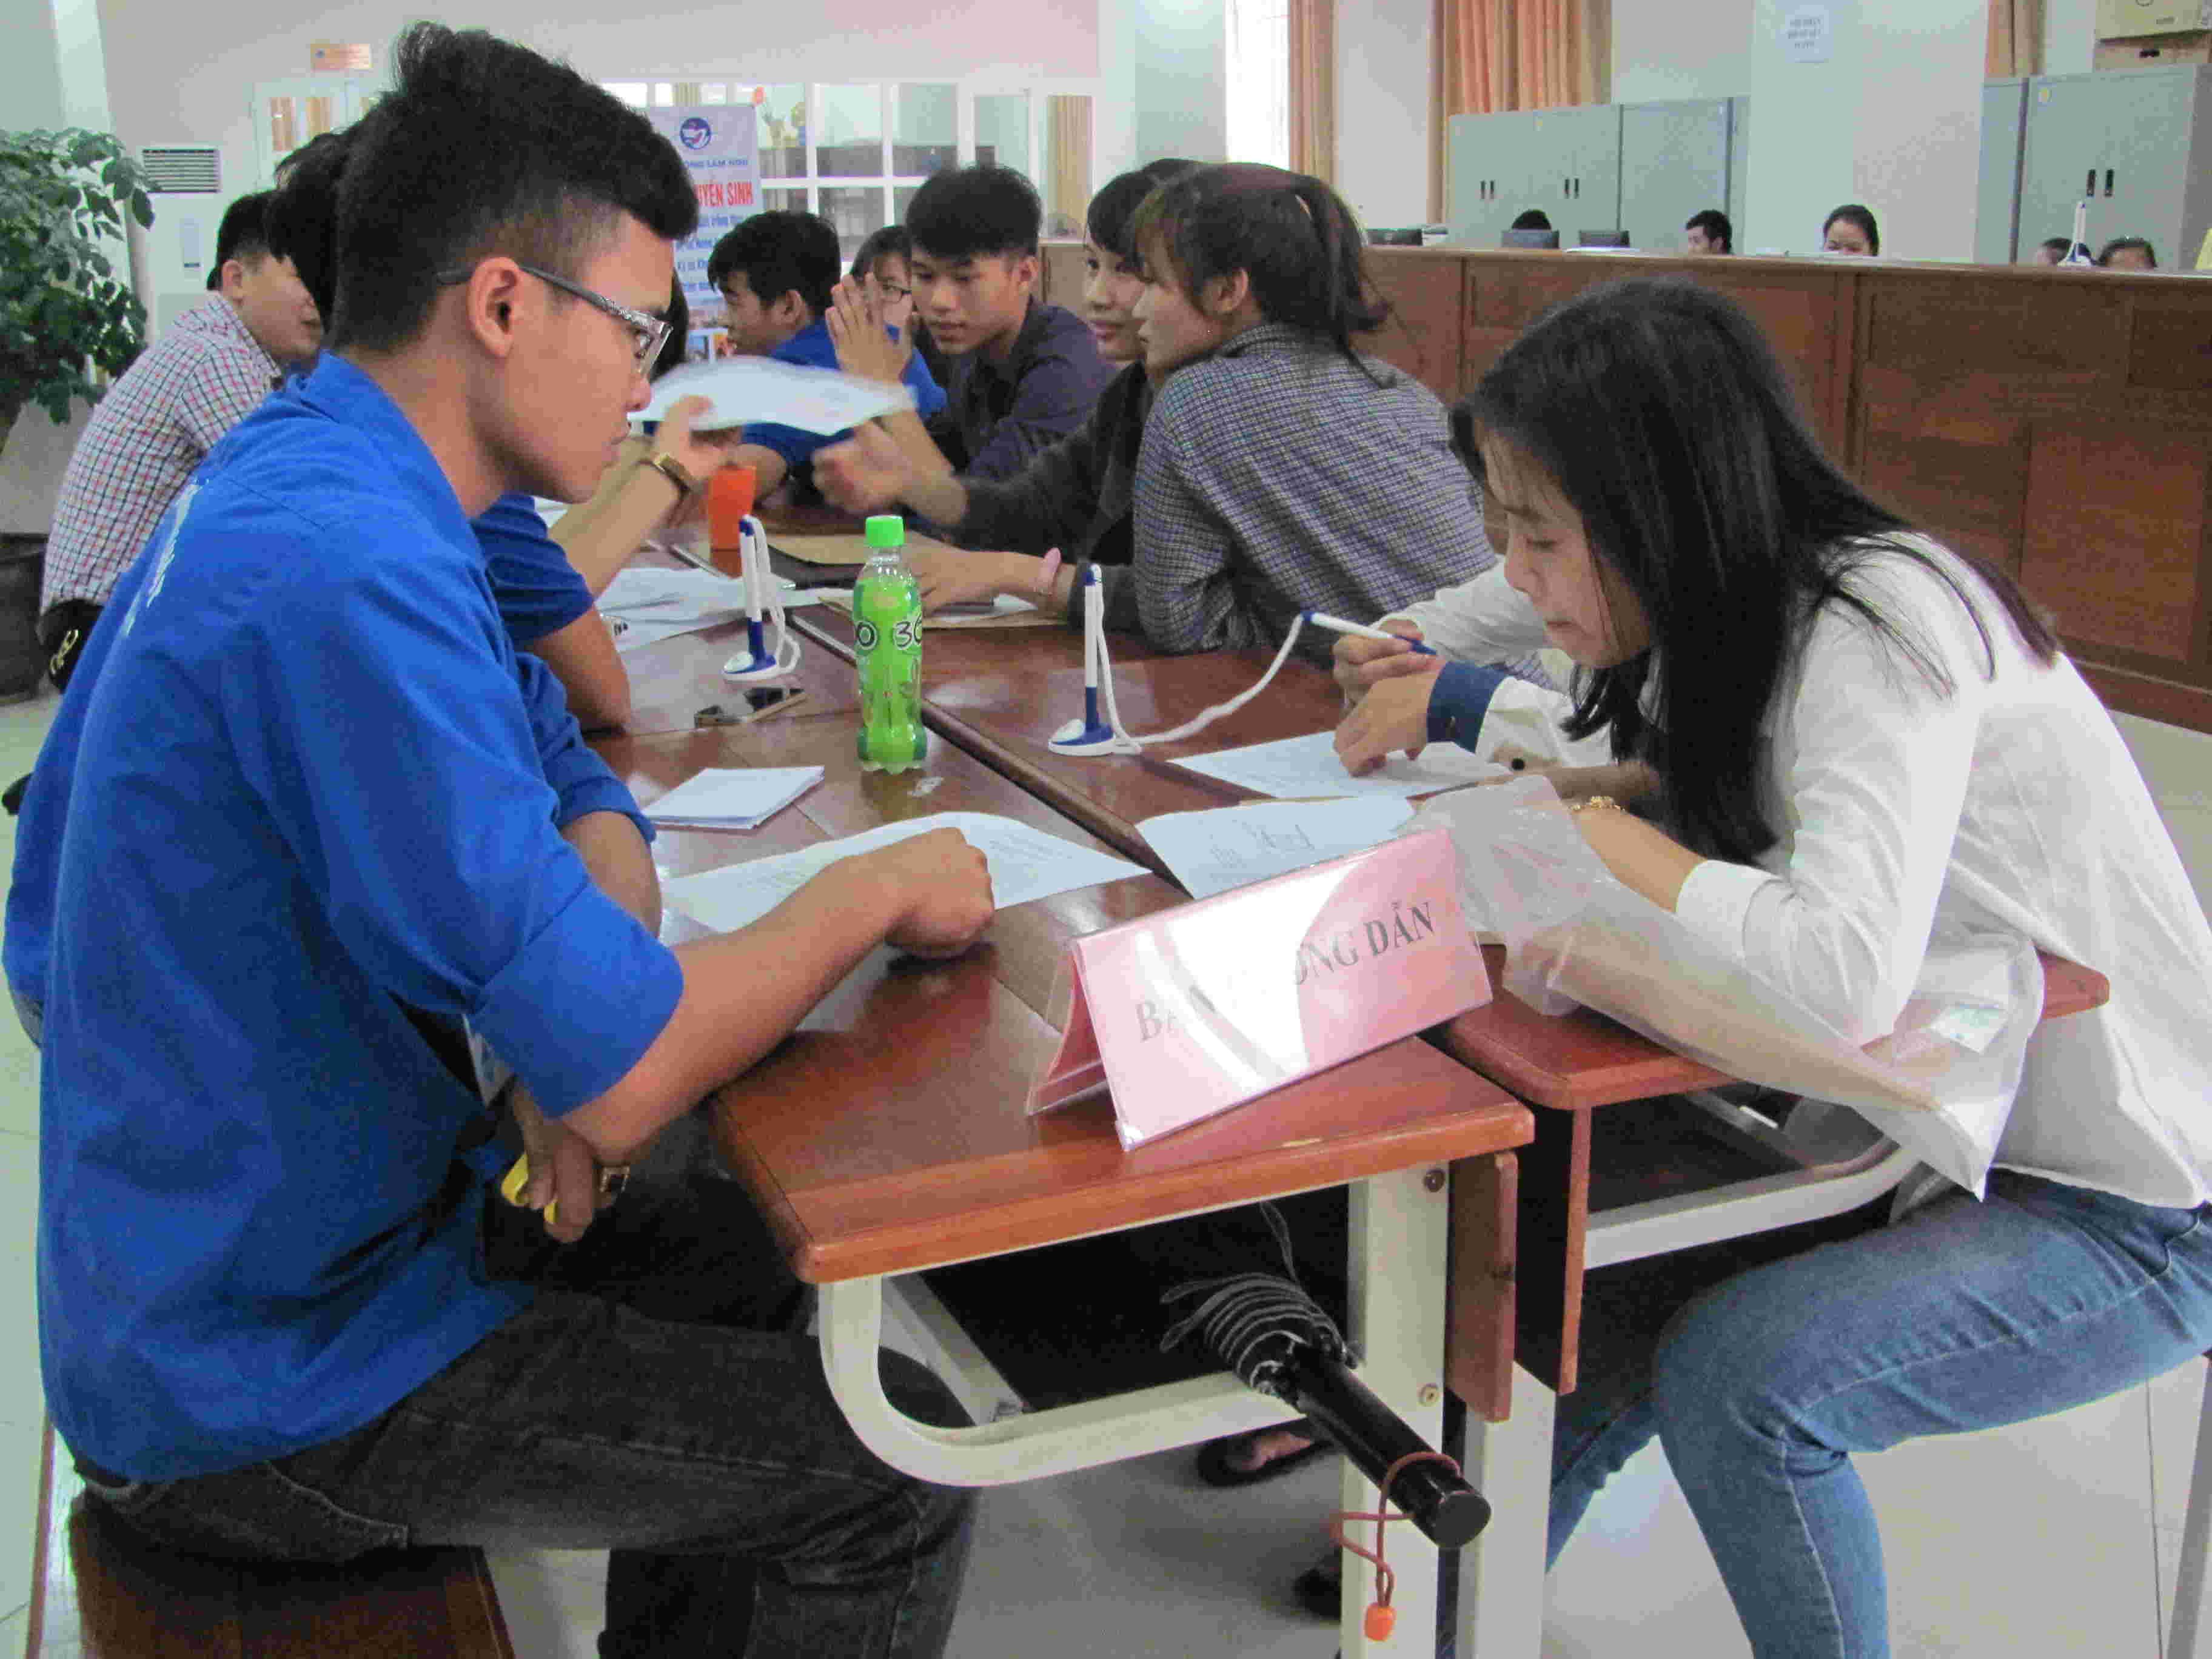 Trường Đại học Vinh tổ chức xét tuyển nguyện vọng 2